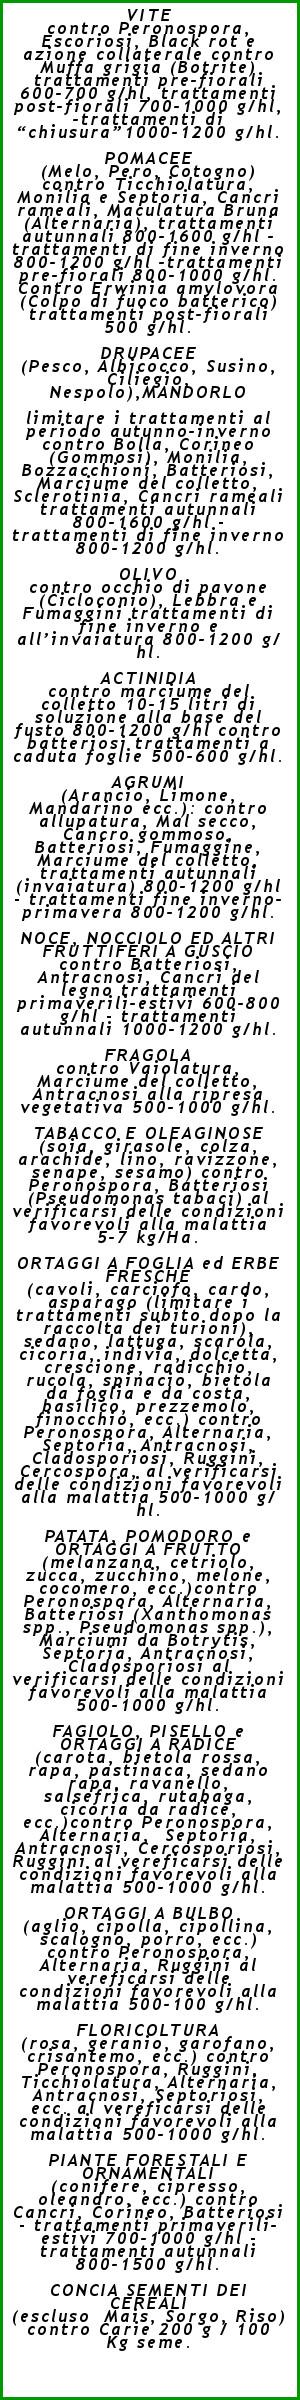 caratteristiche-Poltiglia-Bordolese-20-PB